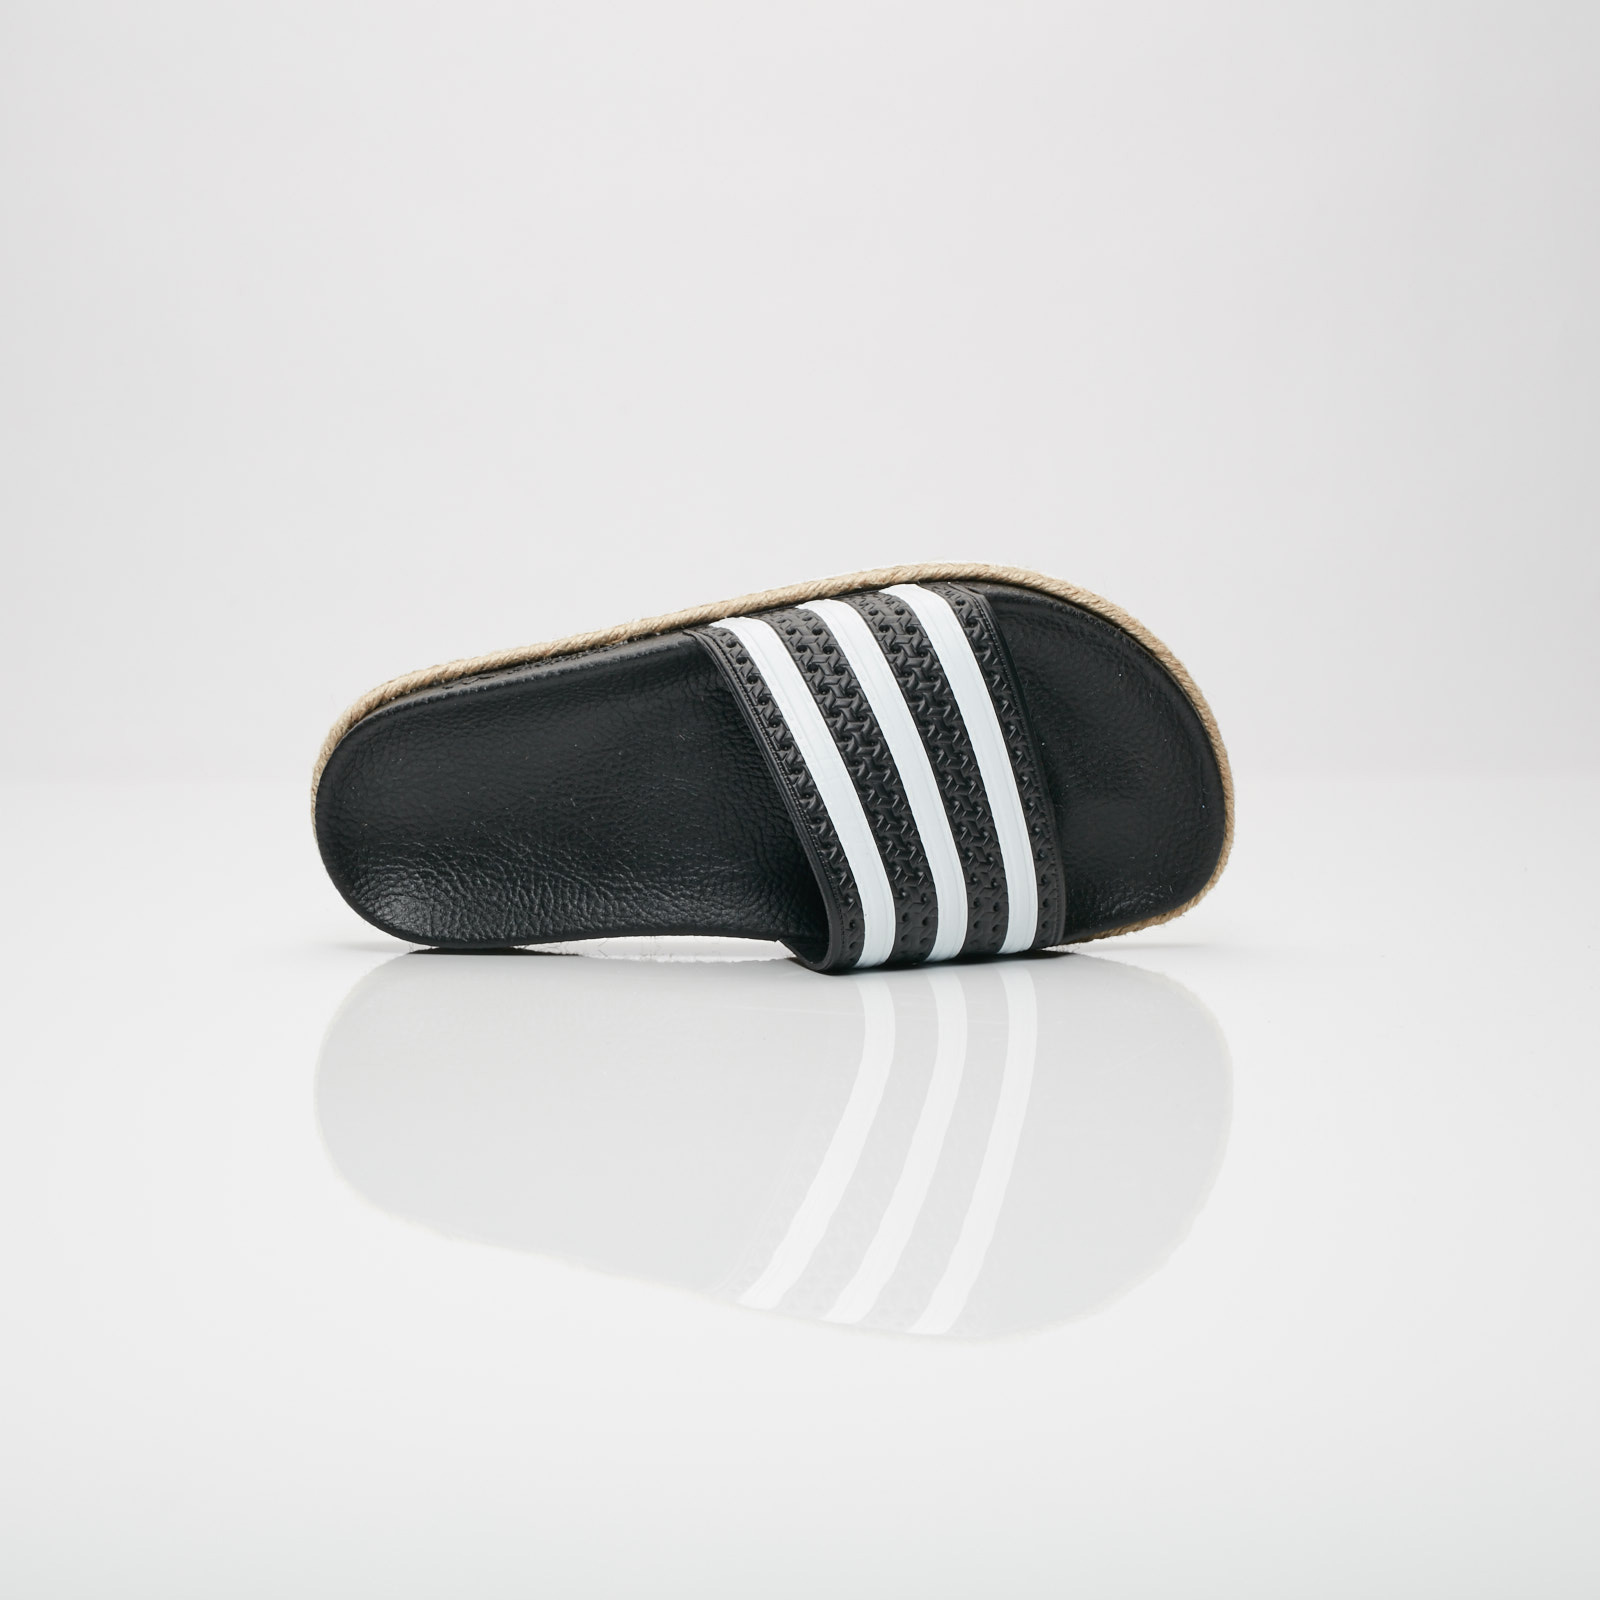 0895f4106f52 adidas Adilette New Bold W - Cq3093 - Sneakersnstuff